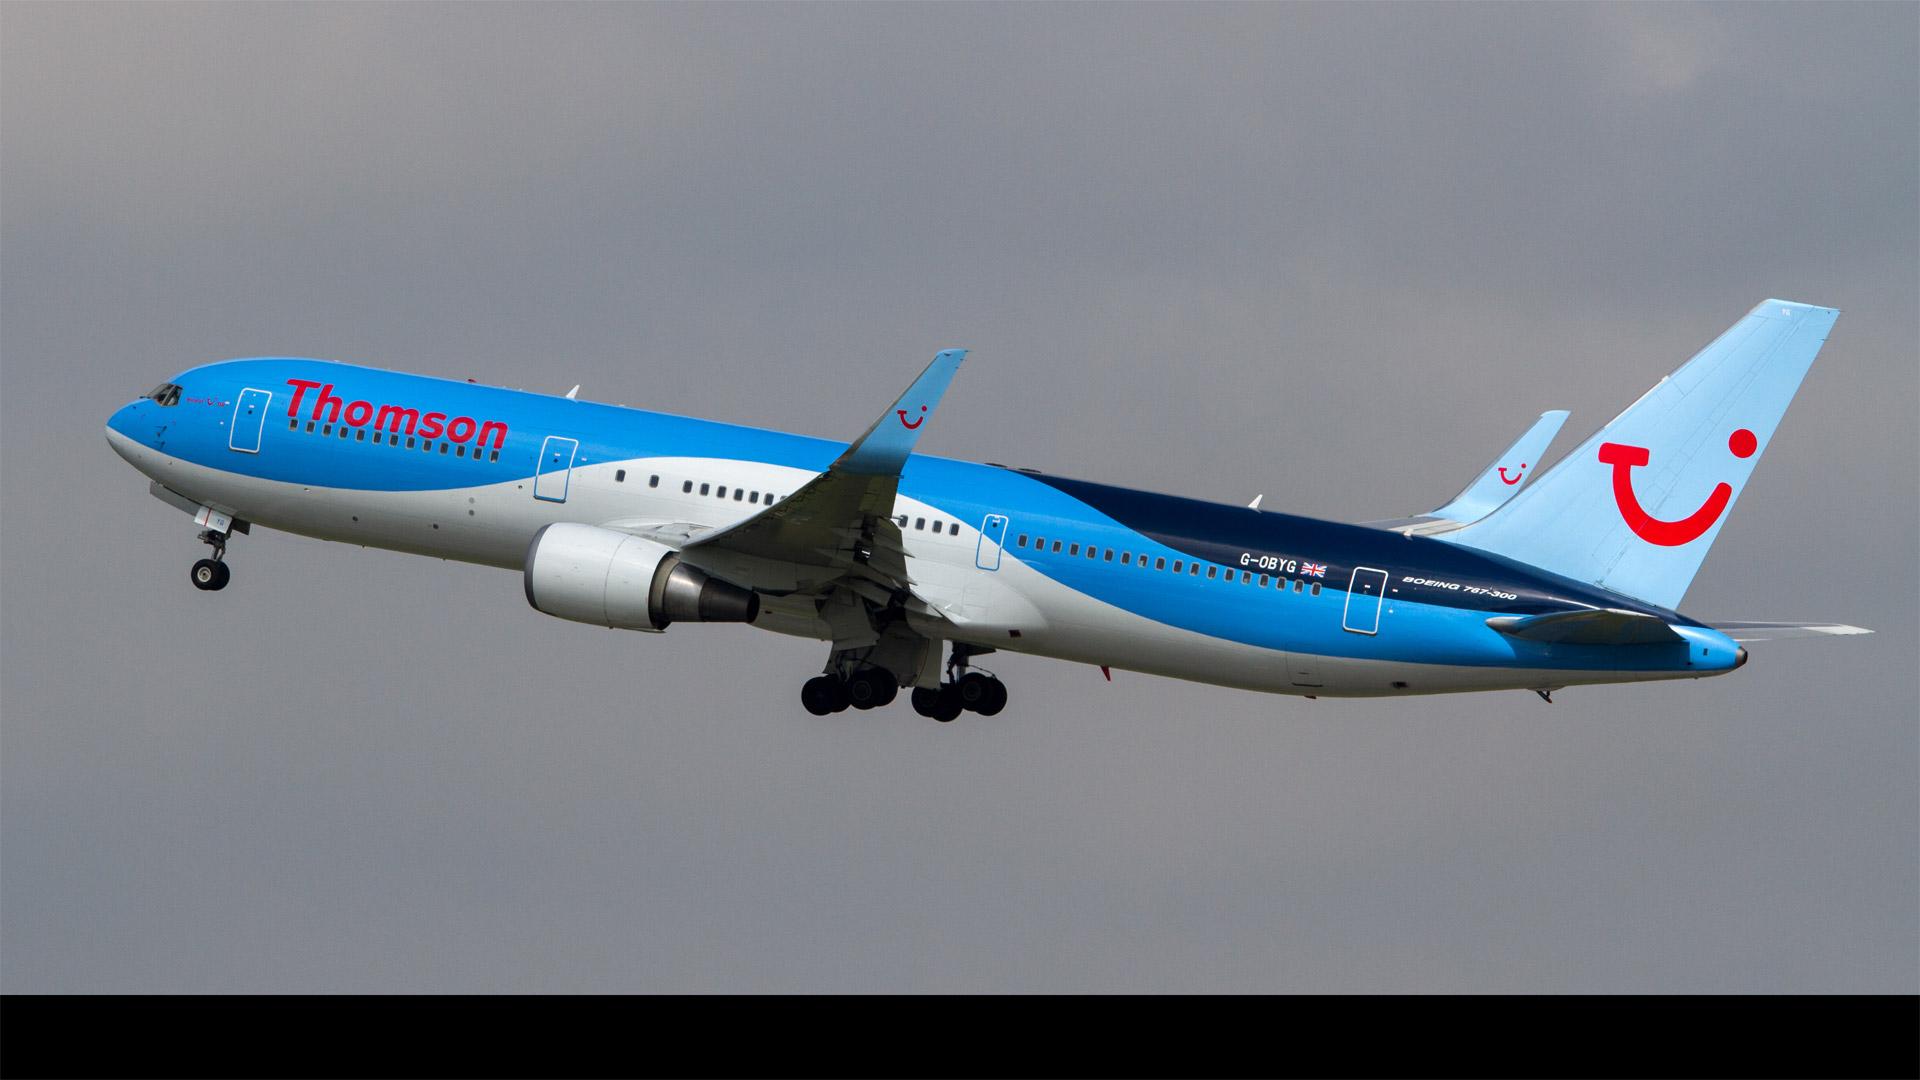 La aerolínea Thomson Airways y el Ministerio de Transporte confirmaron el incidente